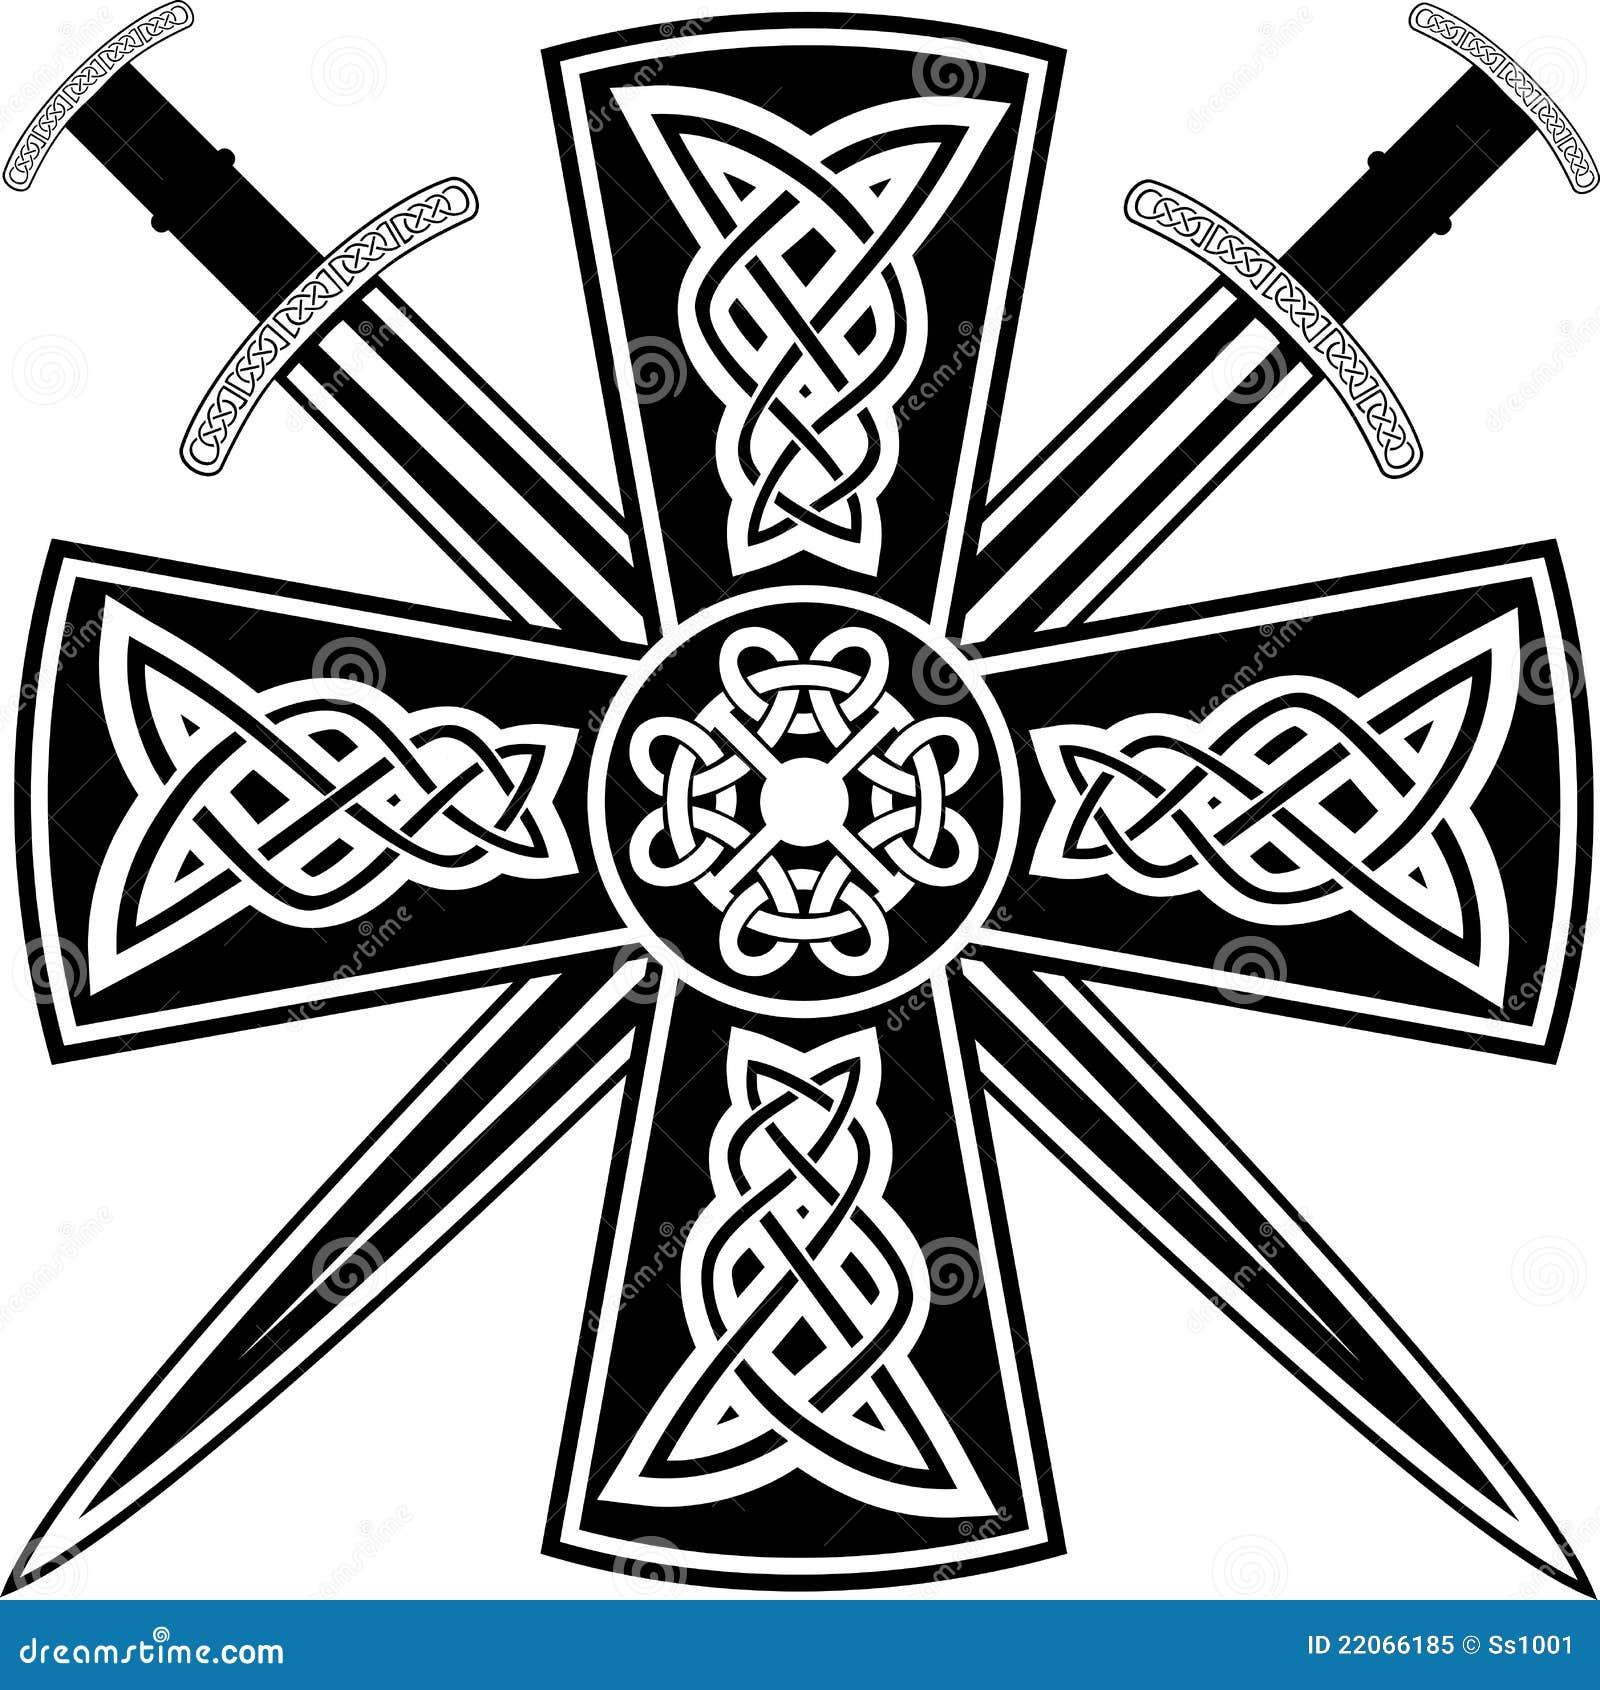 Cruz celta e espadas foto de stock royalty free imagem for Crossed swords tattoo